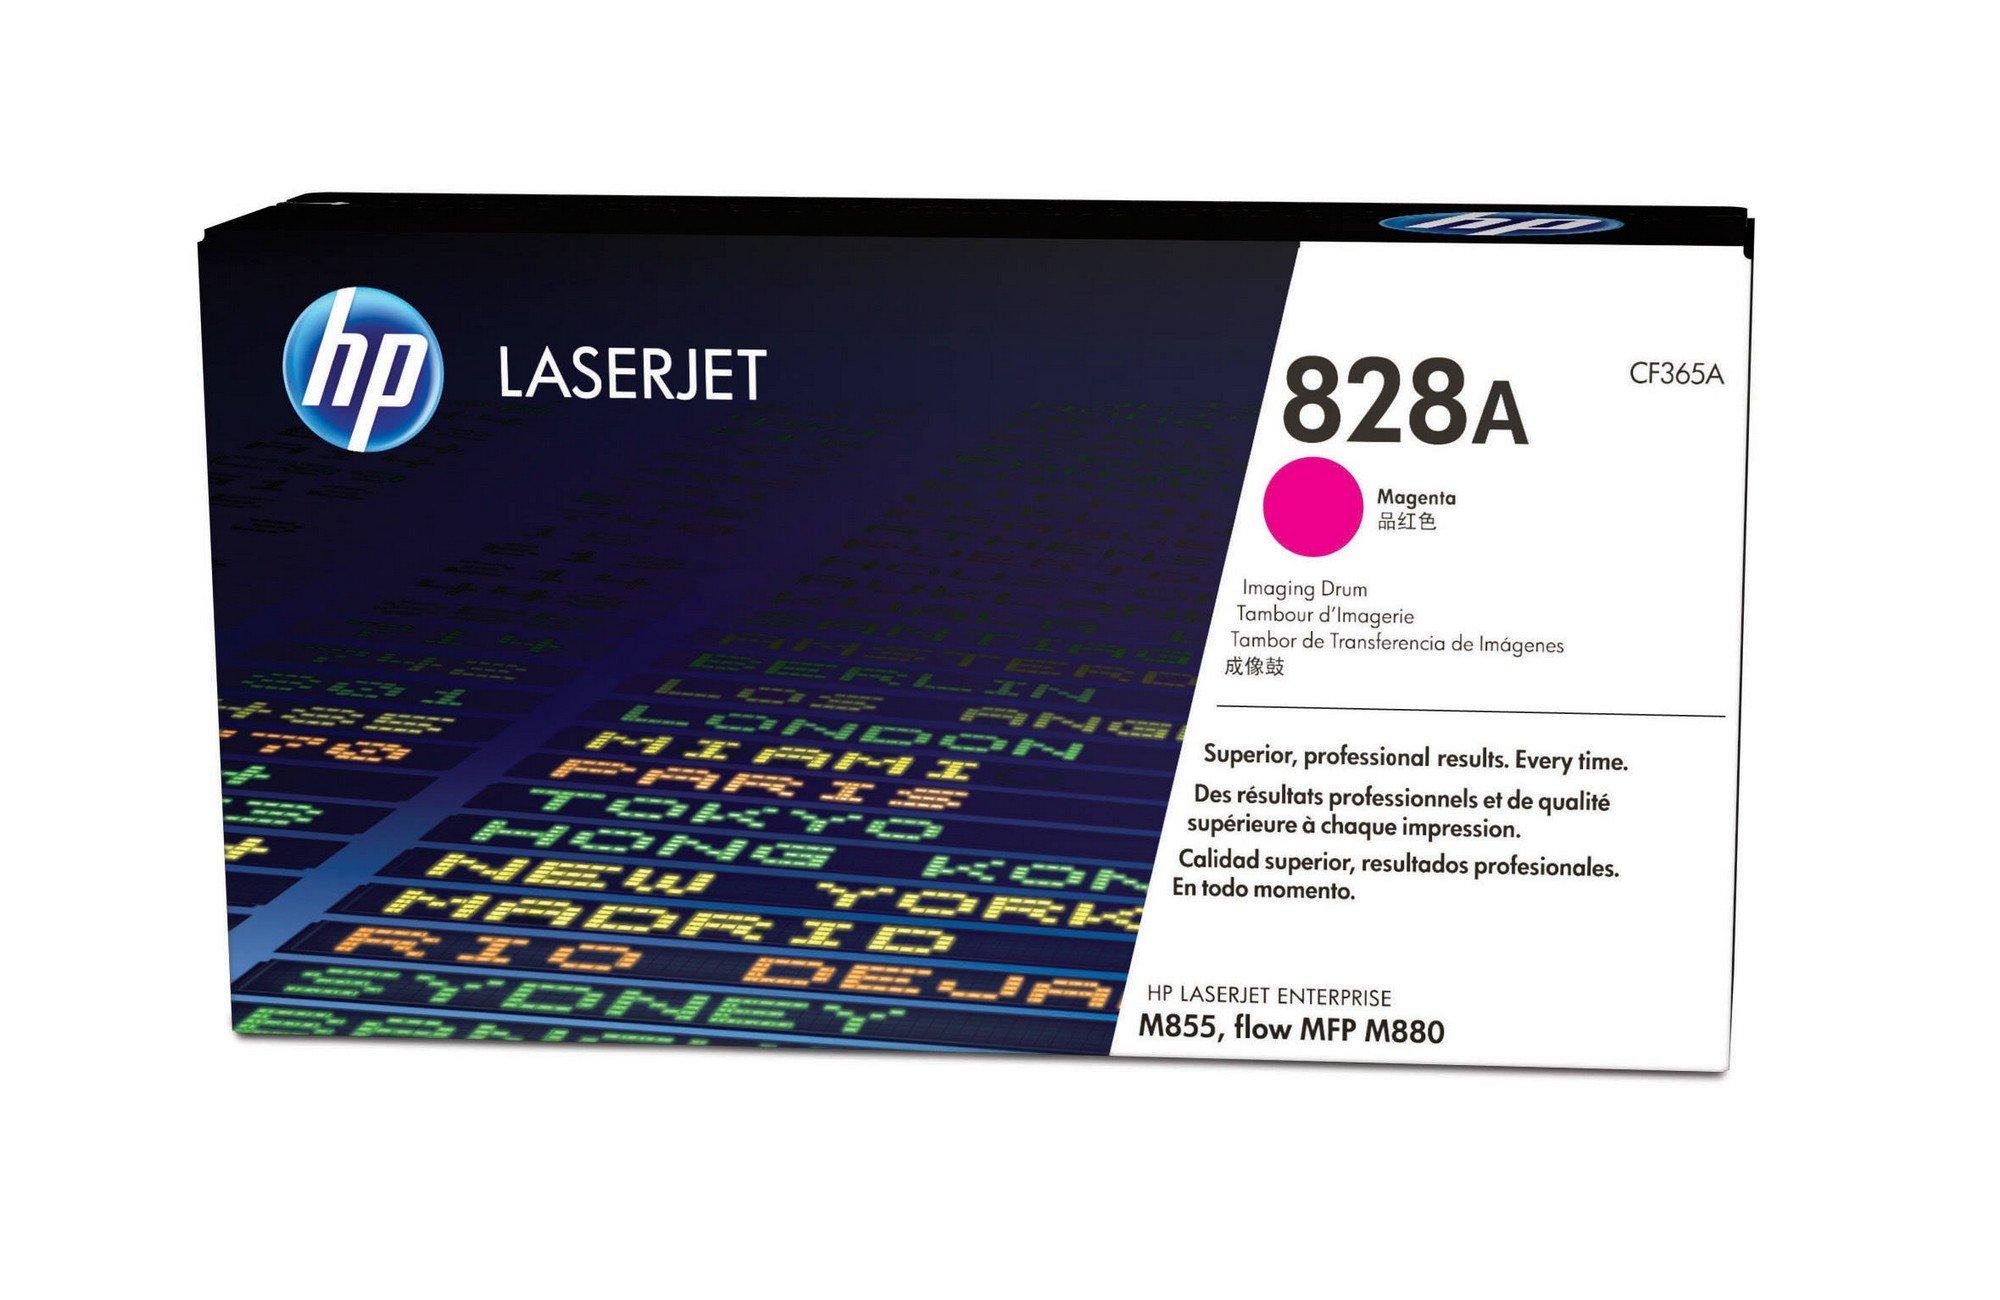 Tambor Original HP 828A CF365A Magenta Image